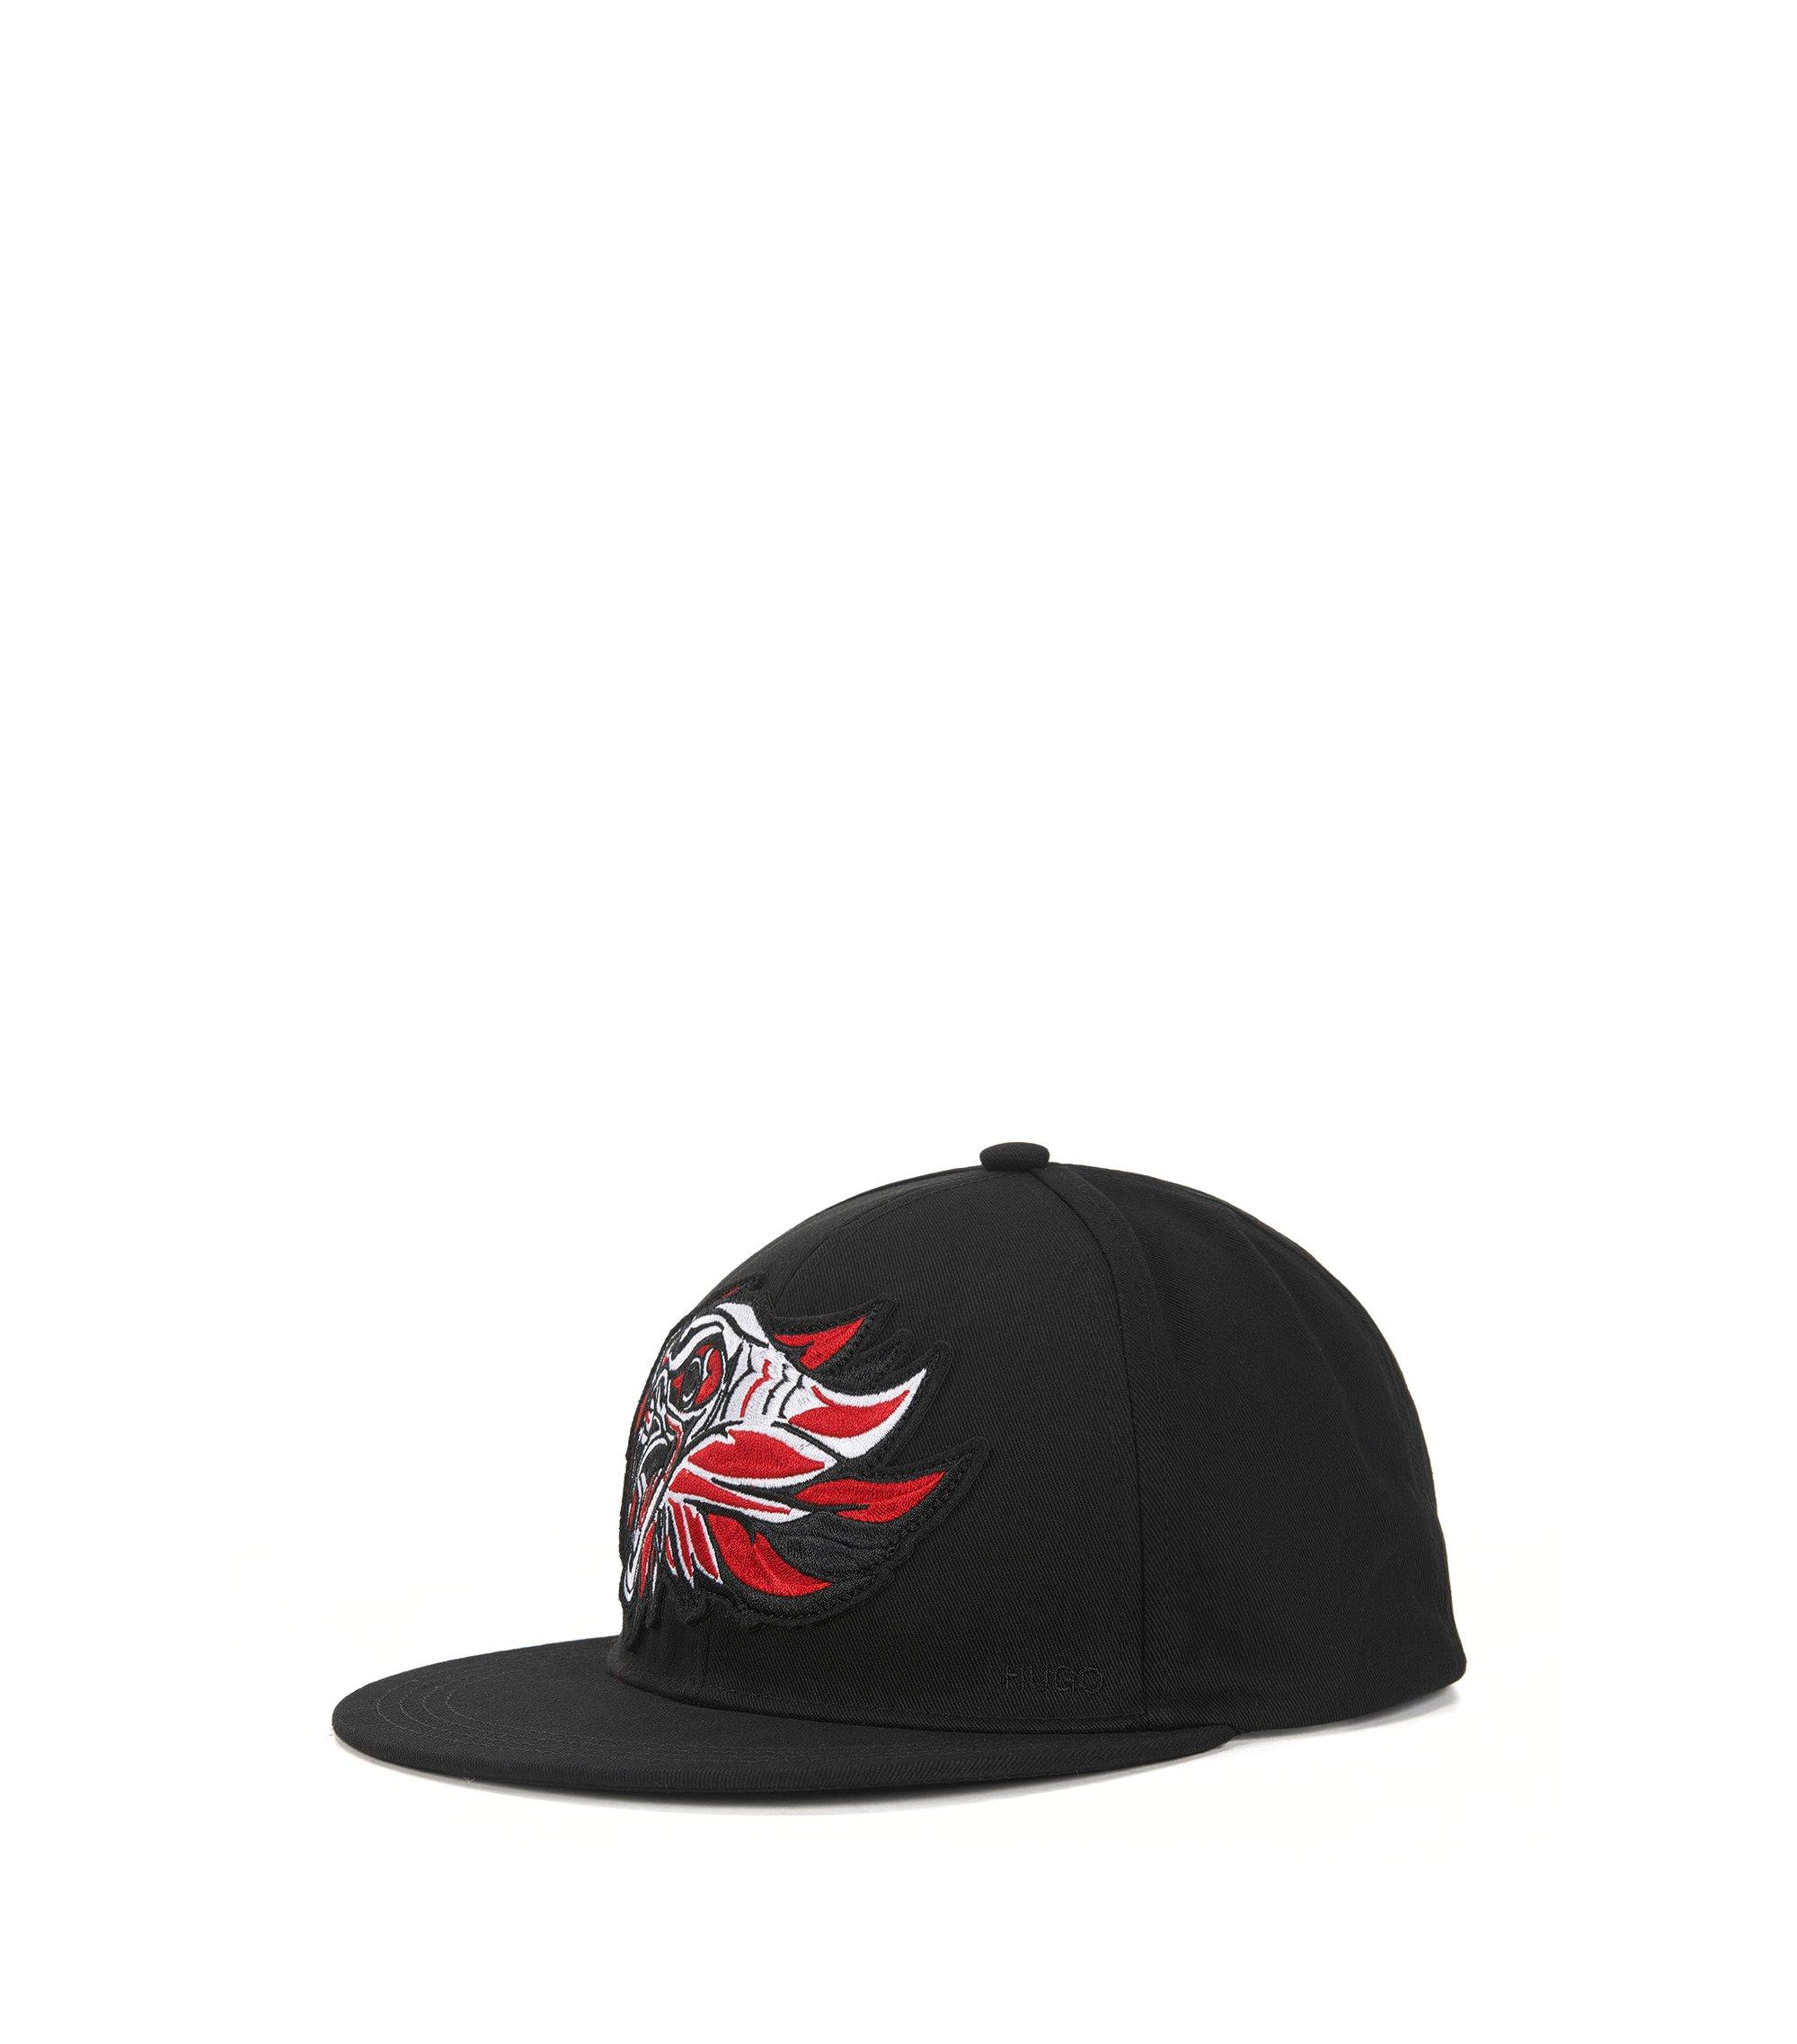 Cappellino da baseball in cotone con decorazione raffigurante un'aquila, Nero